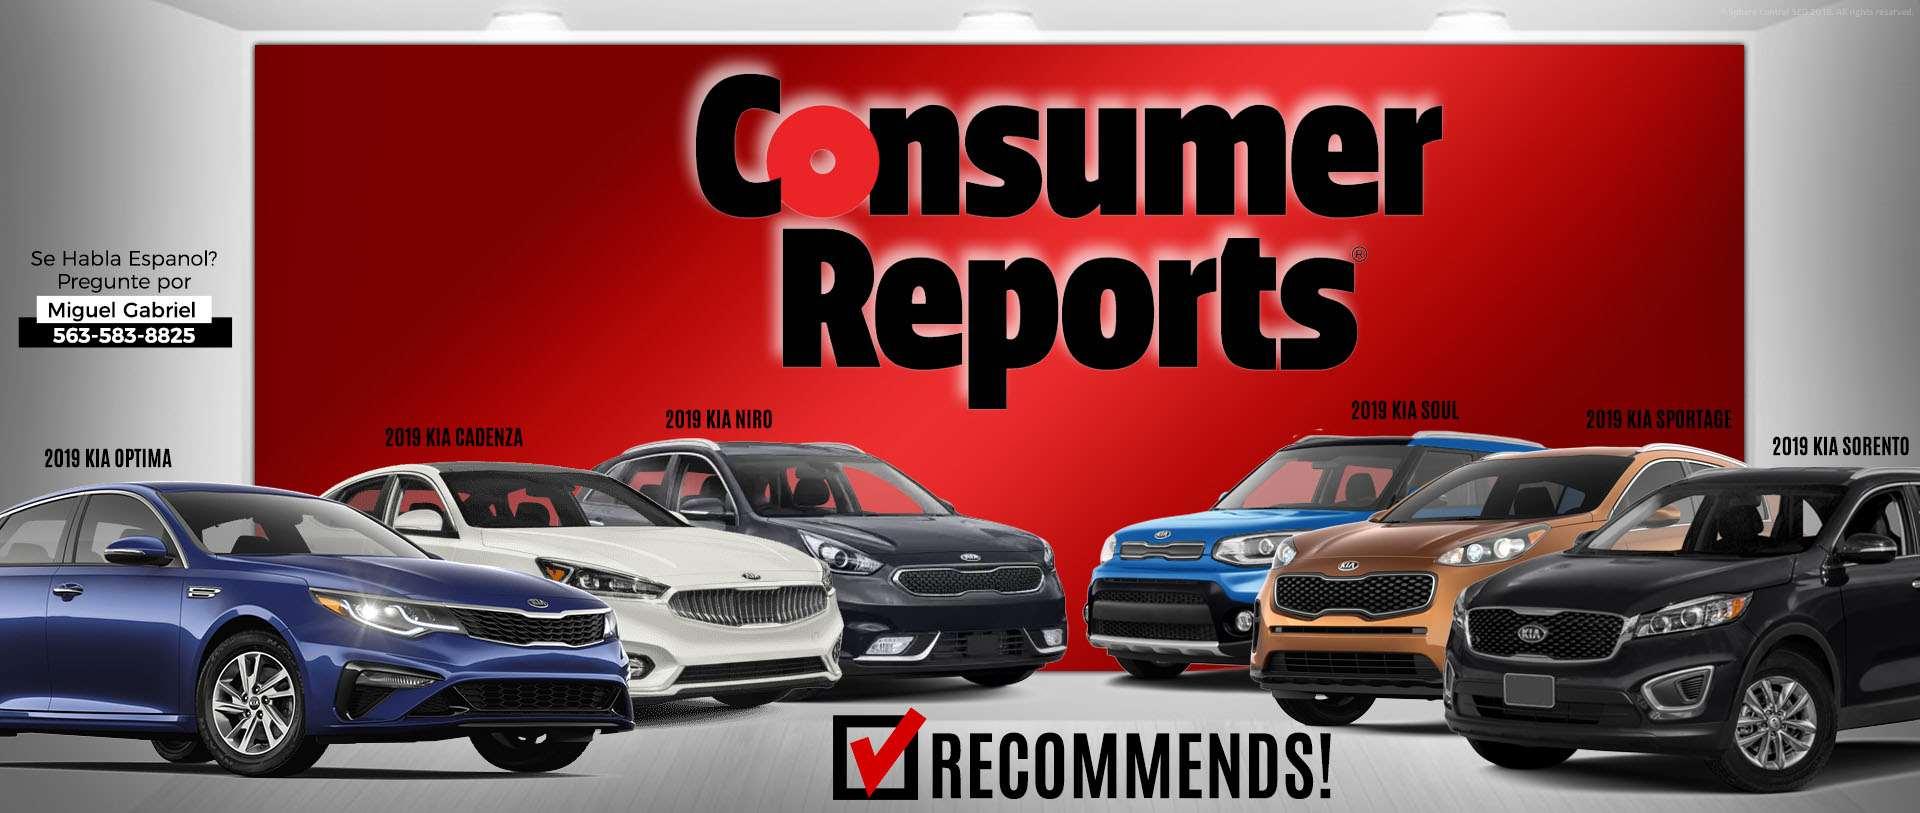 Kia Consumer Reports